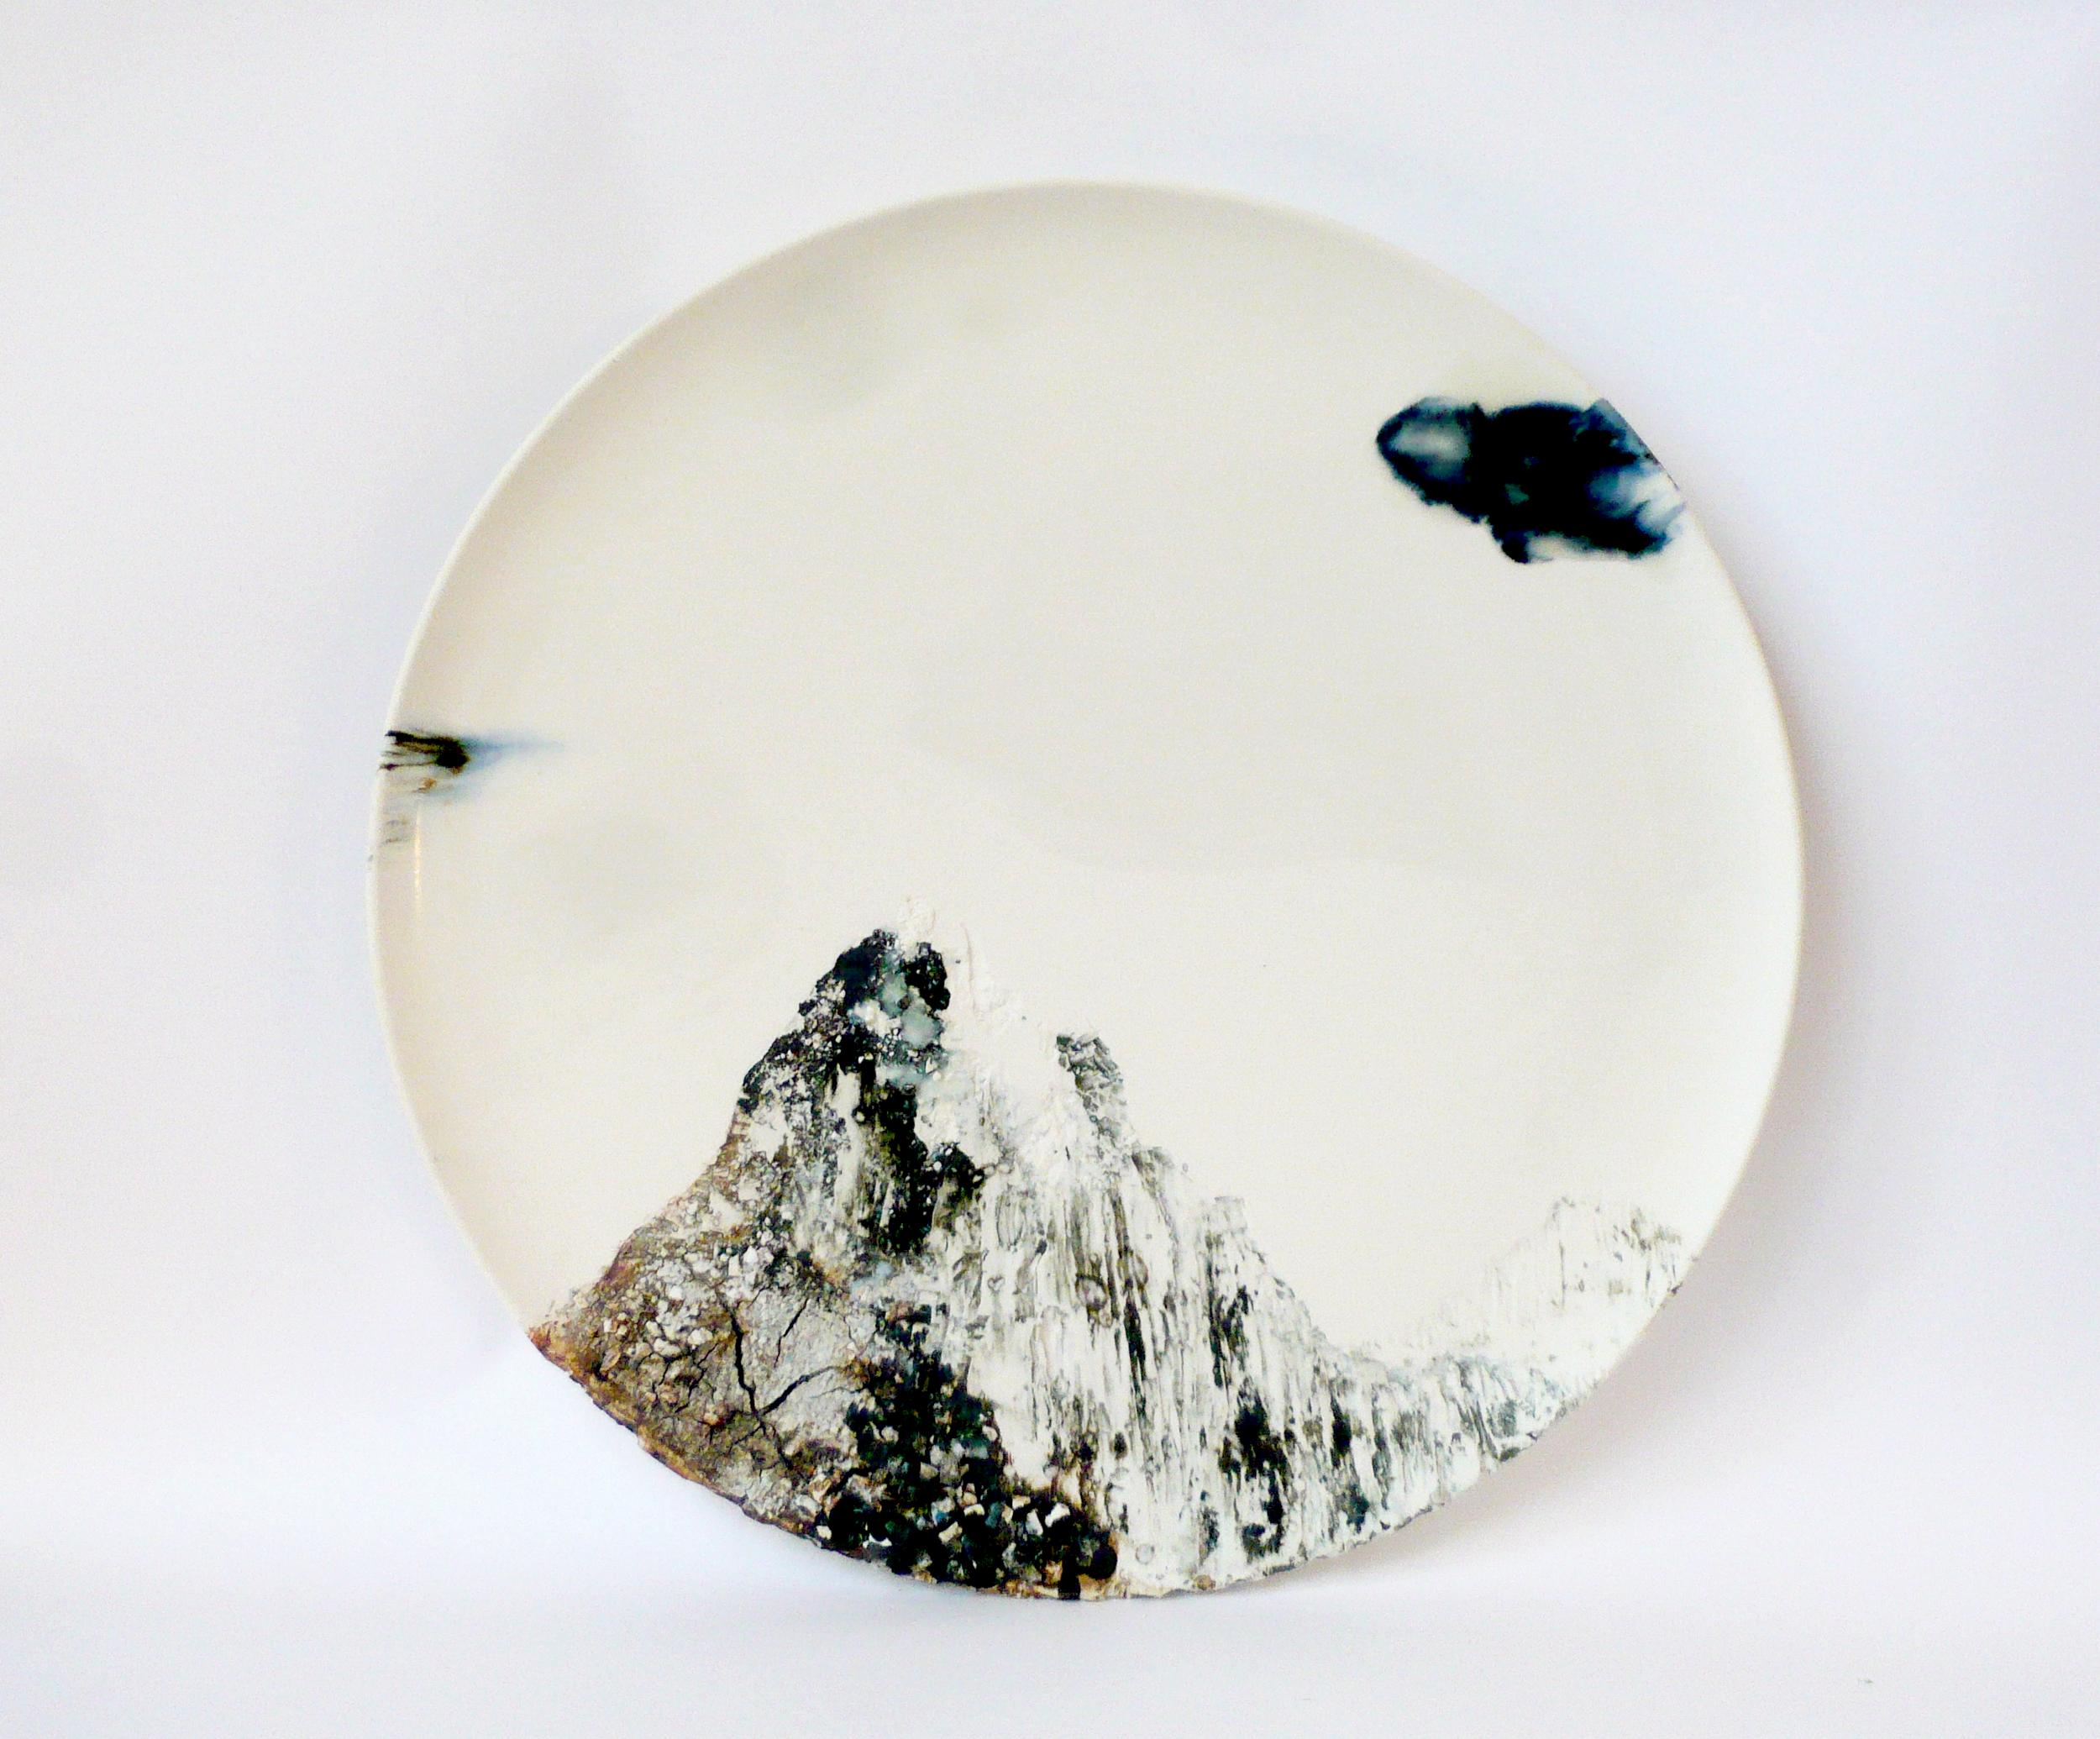 Avaruus/Space, 2018, 40cm x 40cm x 3cm